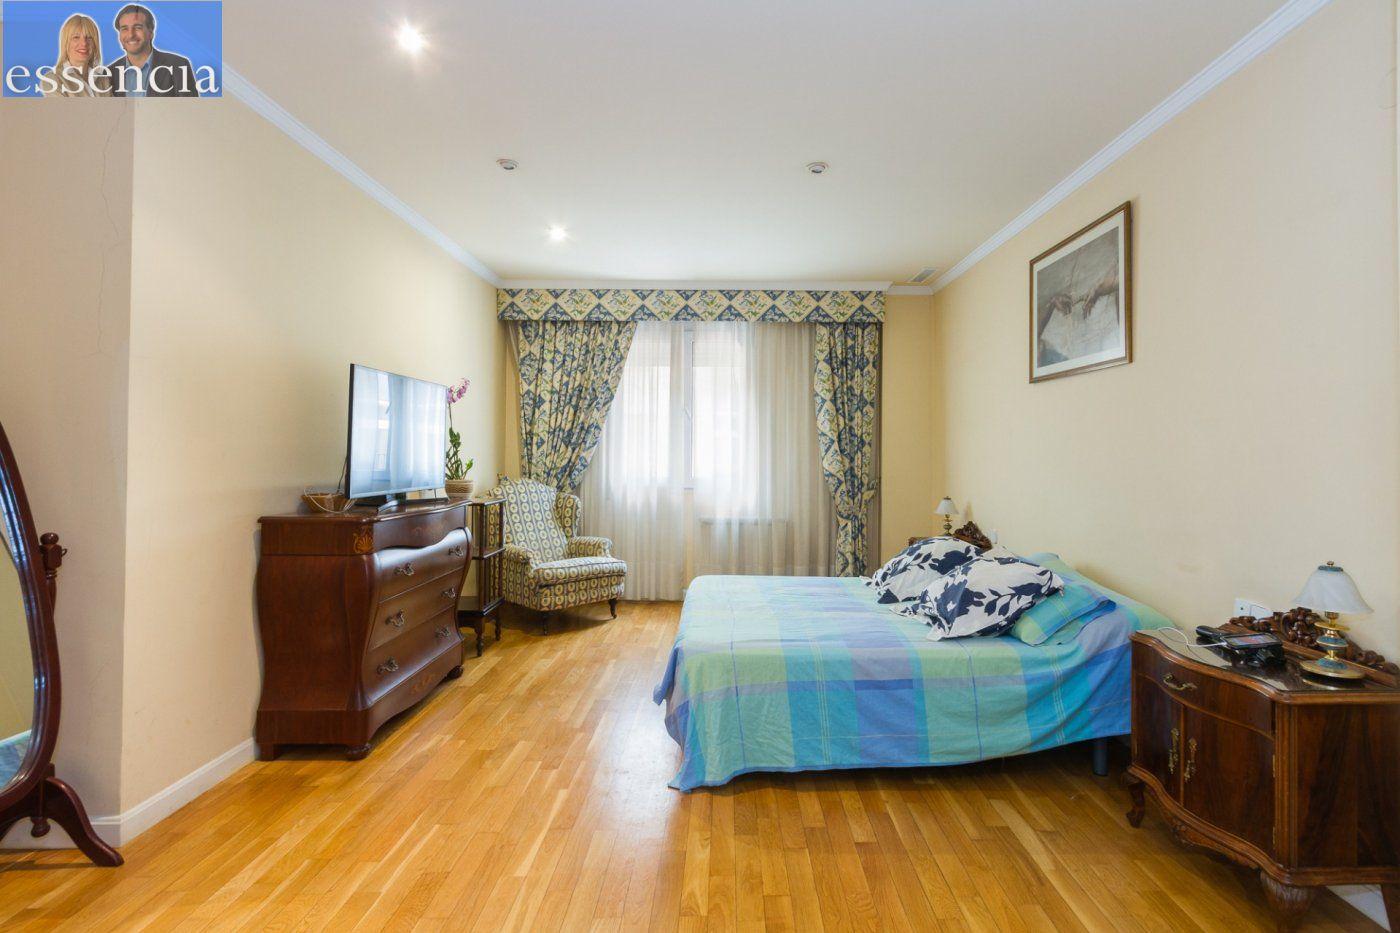 Casa con encanto en el centro de gandÍa para clientes vip - imagenInmueble32